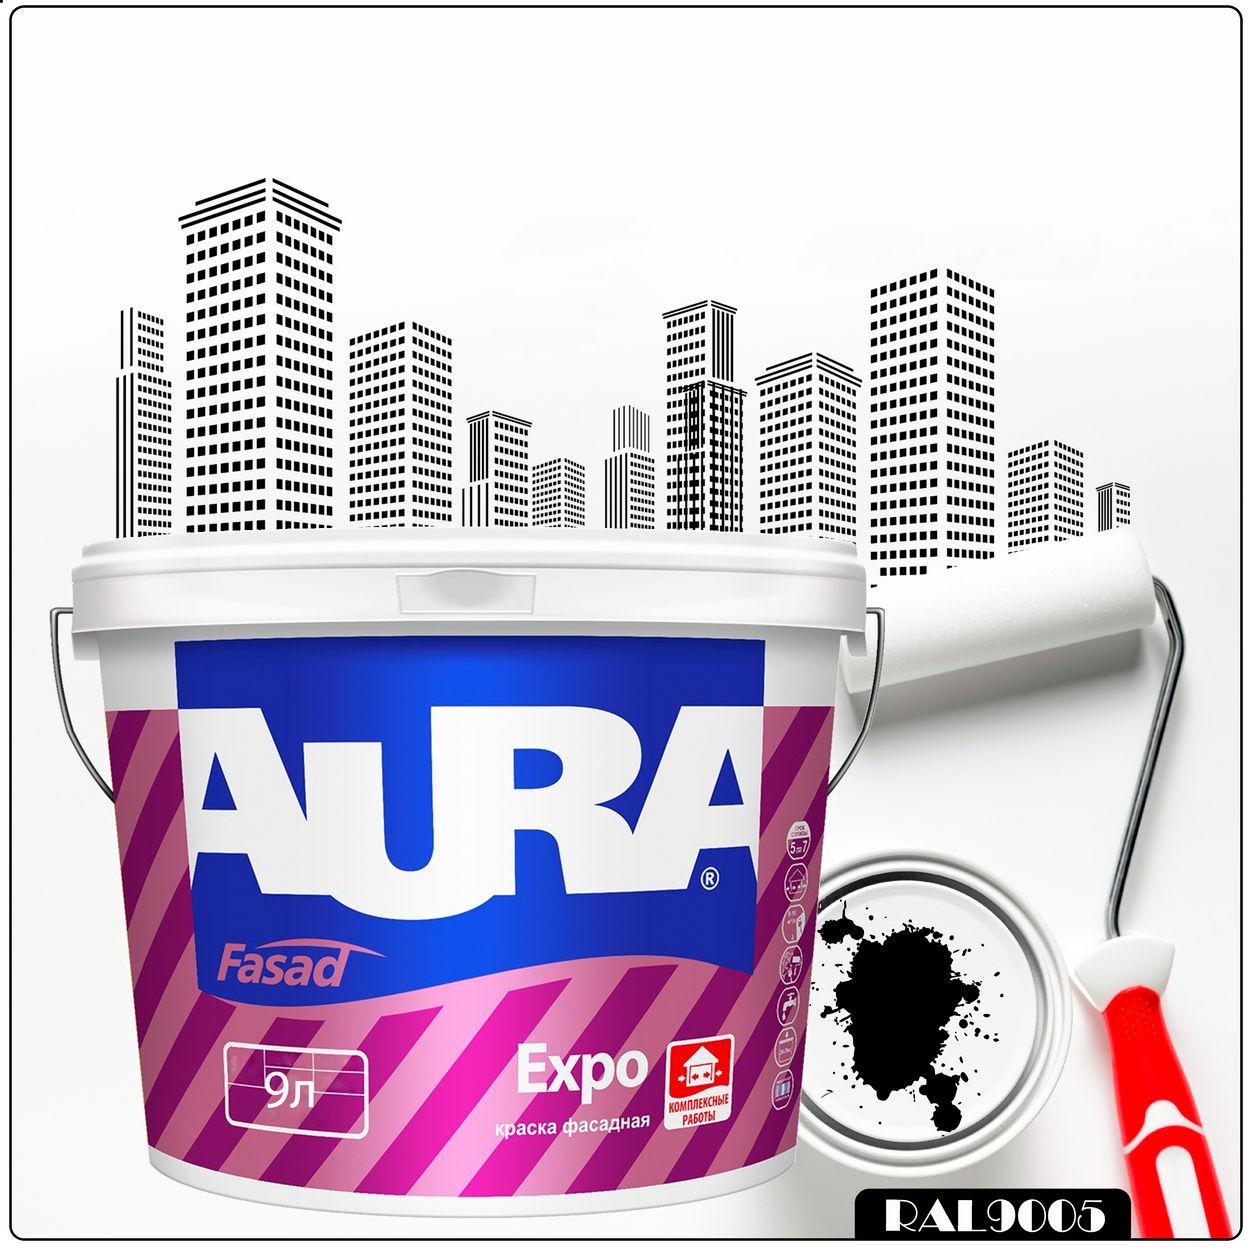 Фото 5 - Краска Aura Fasad Expo, RAL 9005 Черный янтарь, матовая, для фасадов и помещений с повышенной влажностью, 9л.